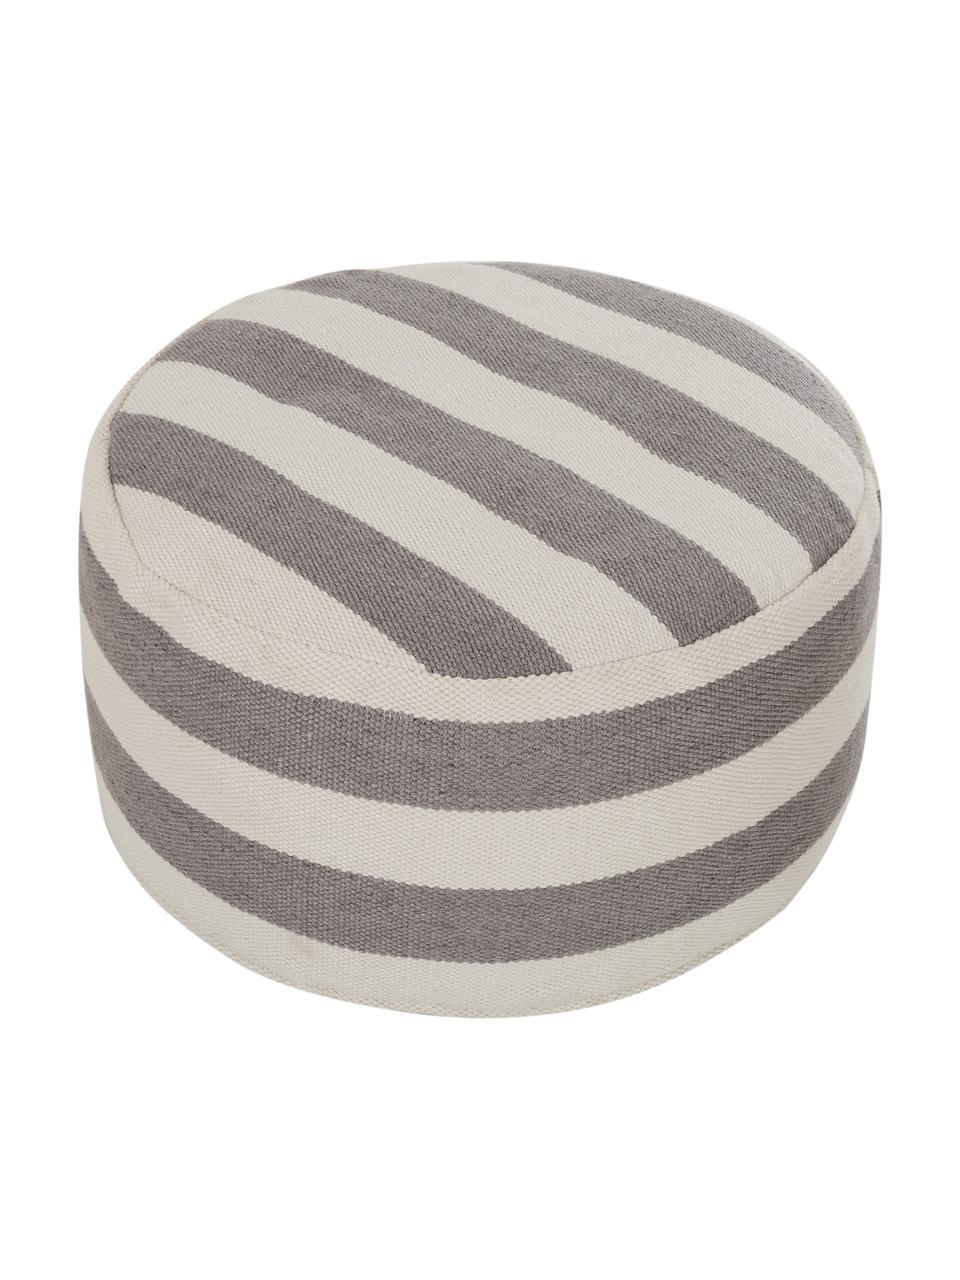 Cuscino da pavimento rotondo Lani, Rivestimento: poliestere, riciclato, Grigio, ecru, Ø 65 x Alt. 30 cm